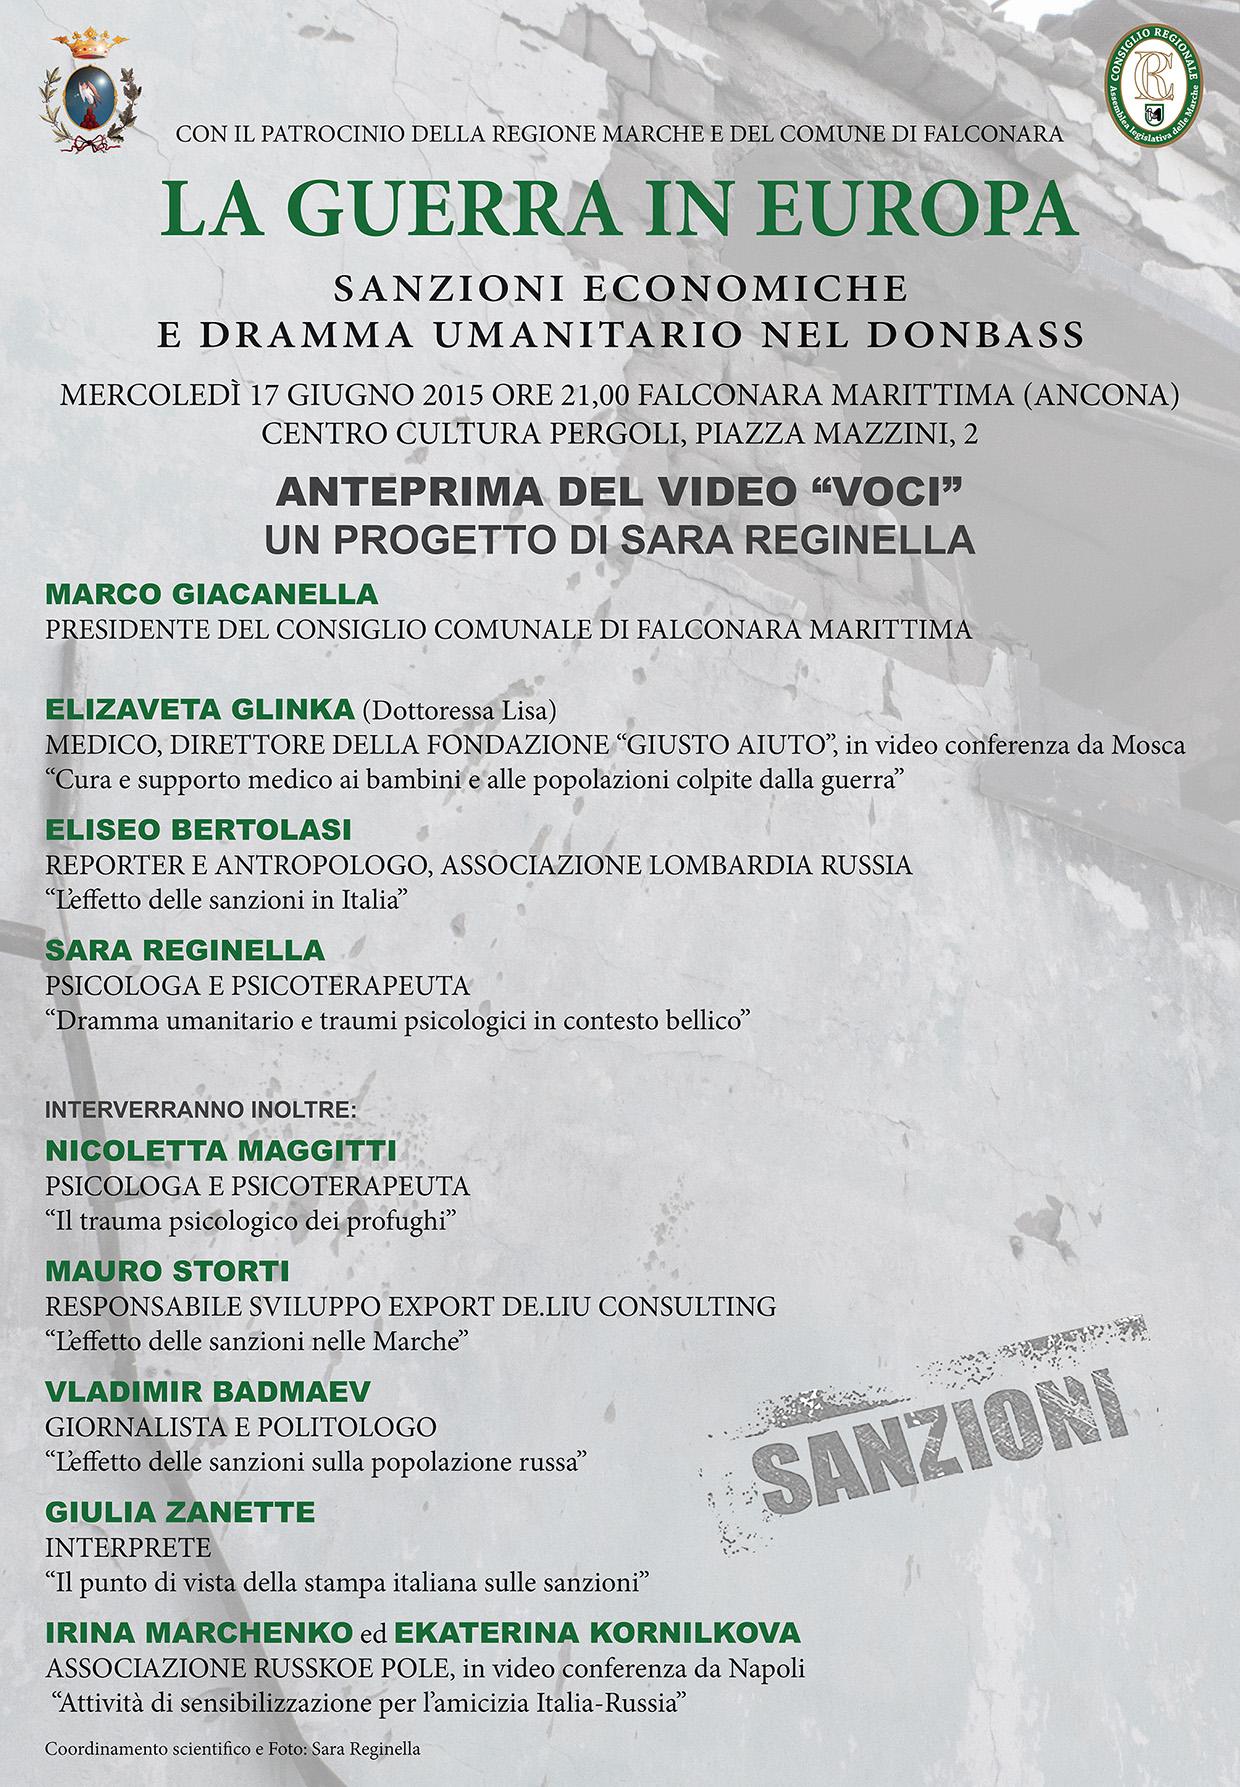 """Convegno a Falconara """"La guerra in Europa. Sanzioni economiche e dramma umanitario nel Donbass"""". Relatrice e coordinamento scientifico: Sara Reginella."""